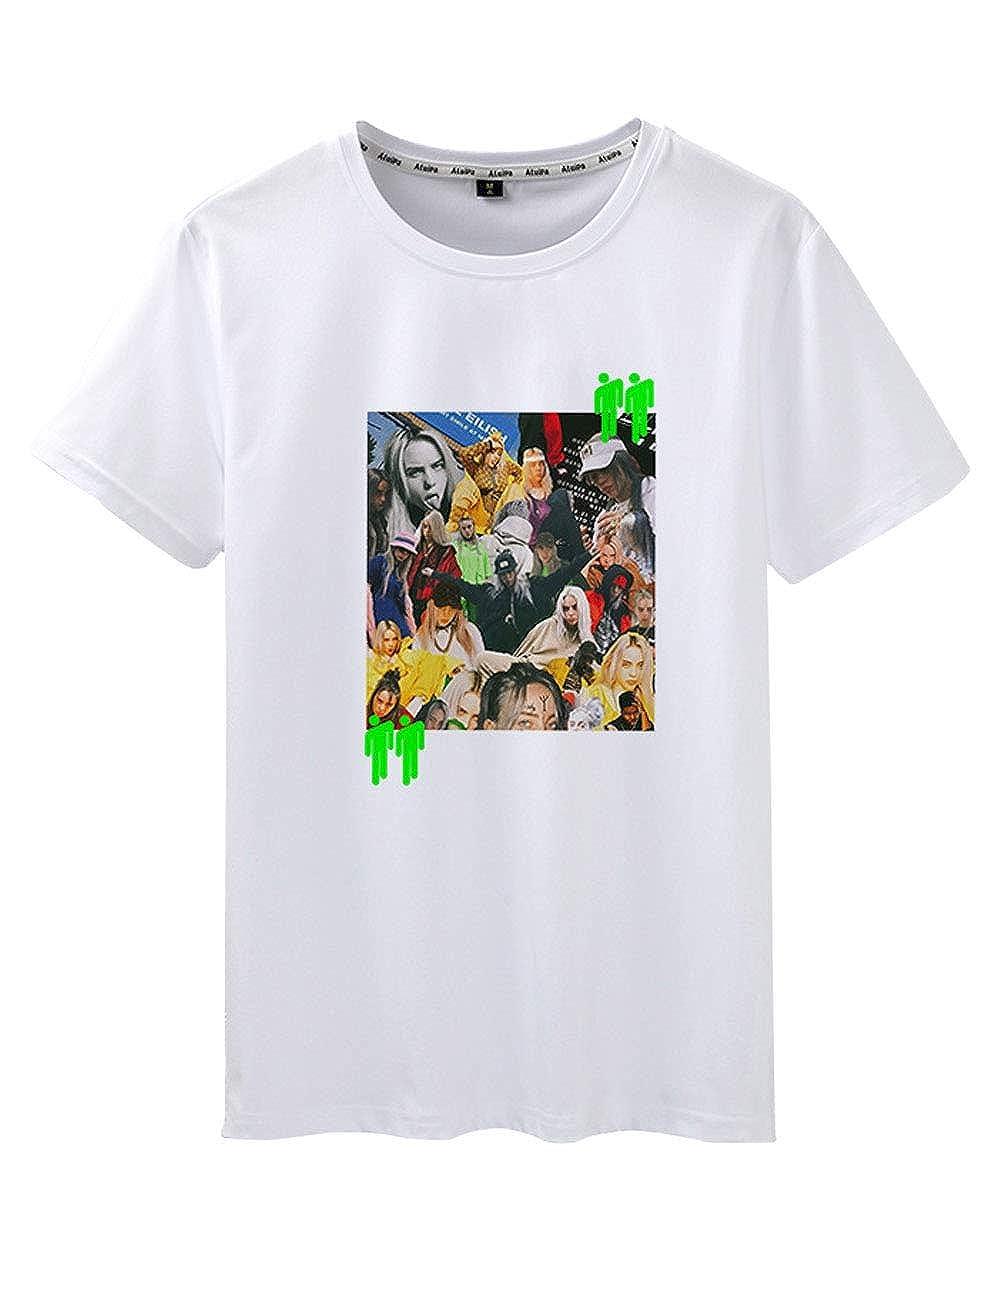 Unisex Trend Singer per Billie Eilish Maglietta Bury a Friend Hip Pop Cool T-Shirt Top Camicetta Maniche Corte per Uomo Donna Teen